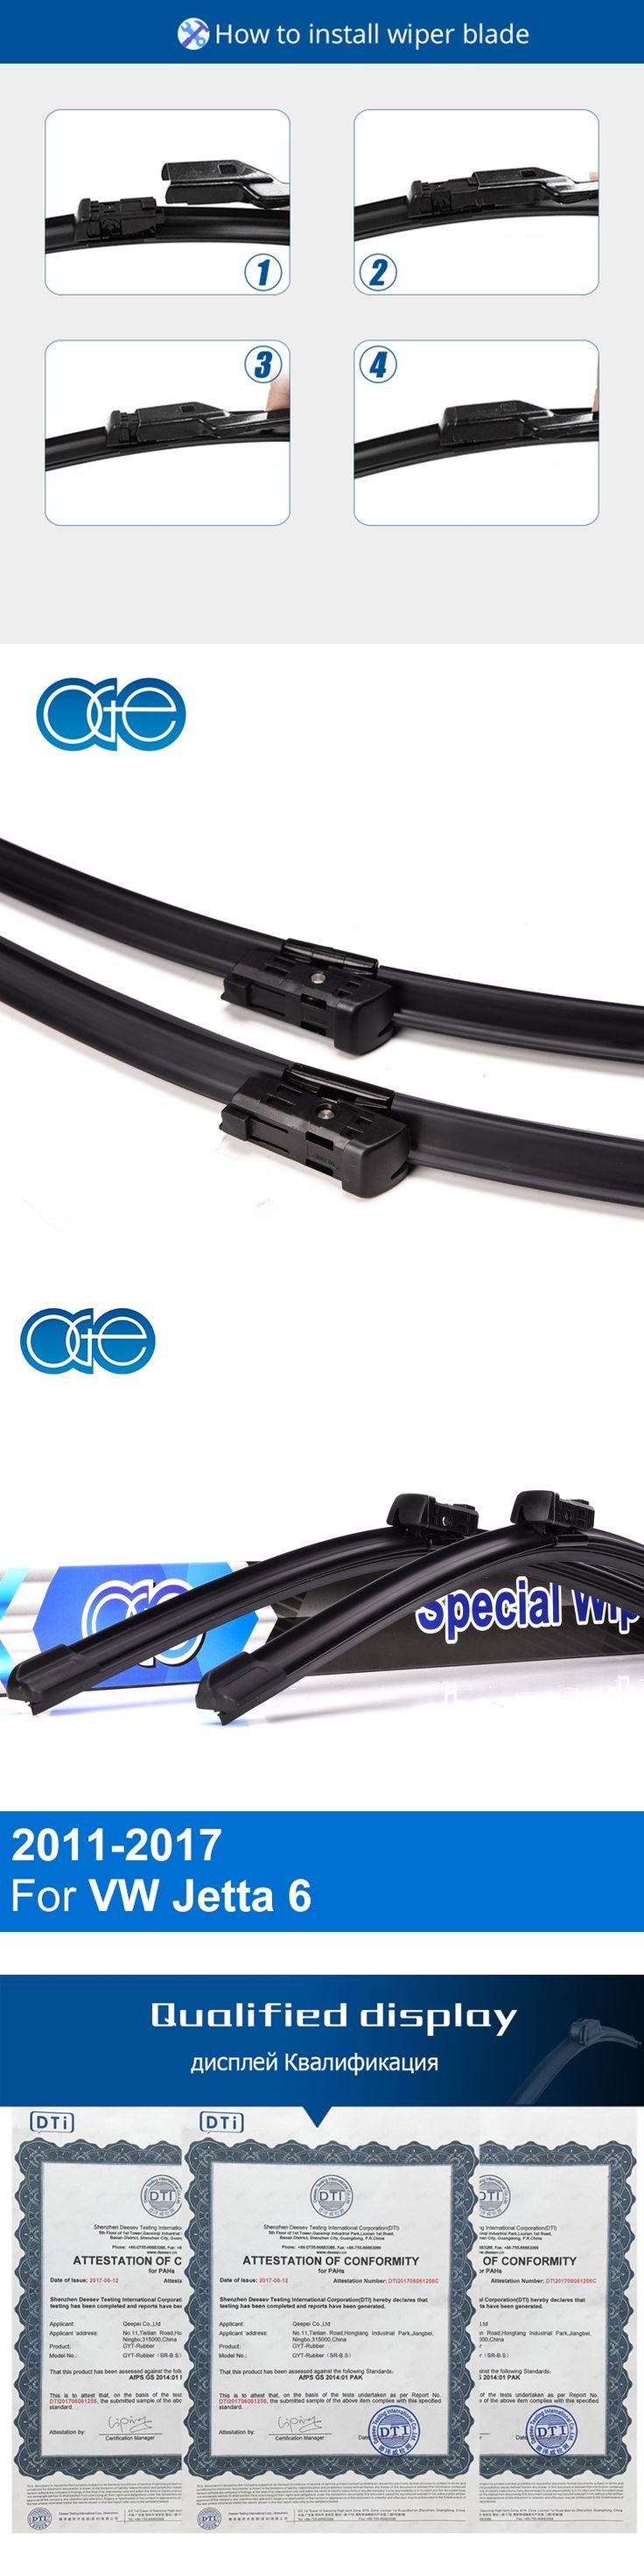 Oge 24''+19'' Wiper Blades For VW Jetta 6 mk6 A6 2011 2012 2013 2014 2015 2016 2017 Windscreen Rubber Car Accessories